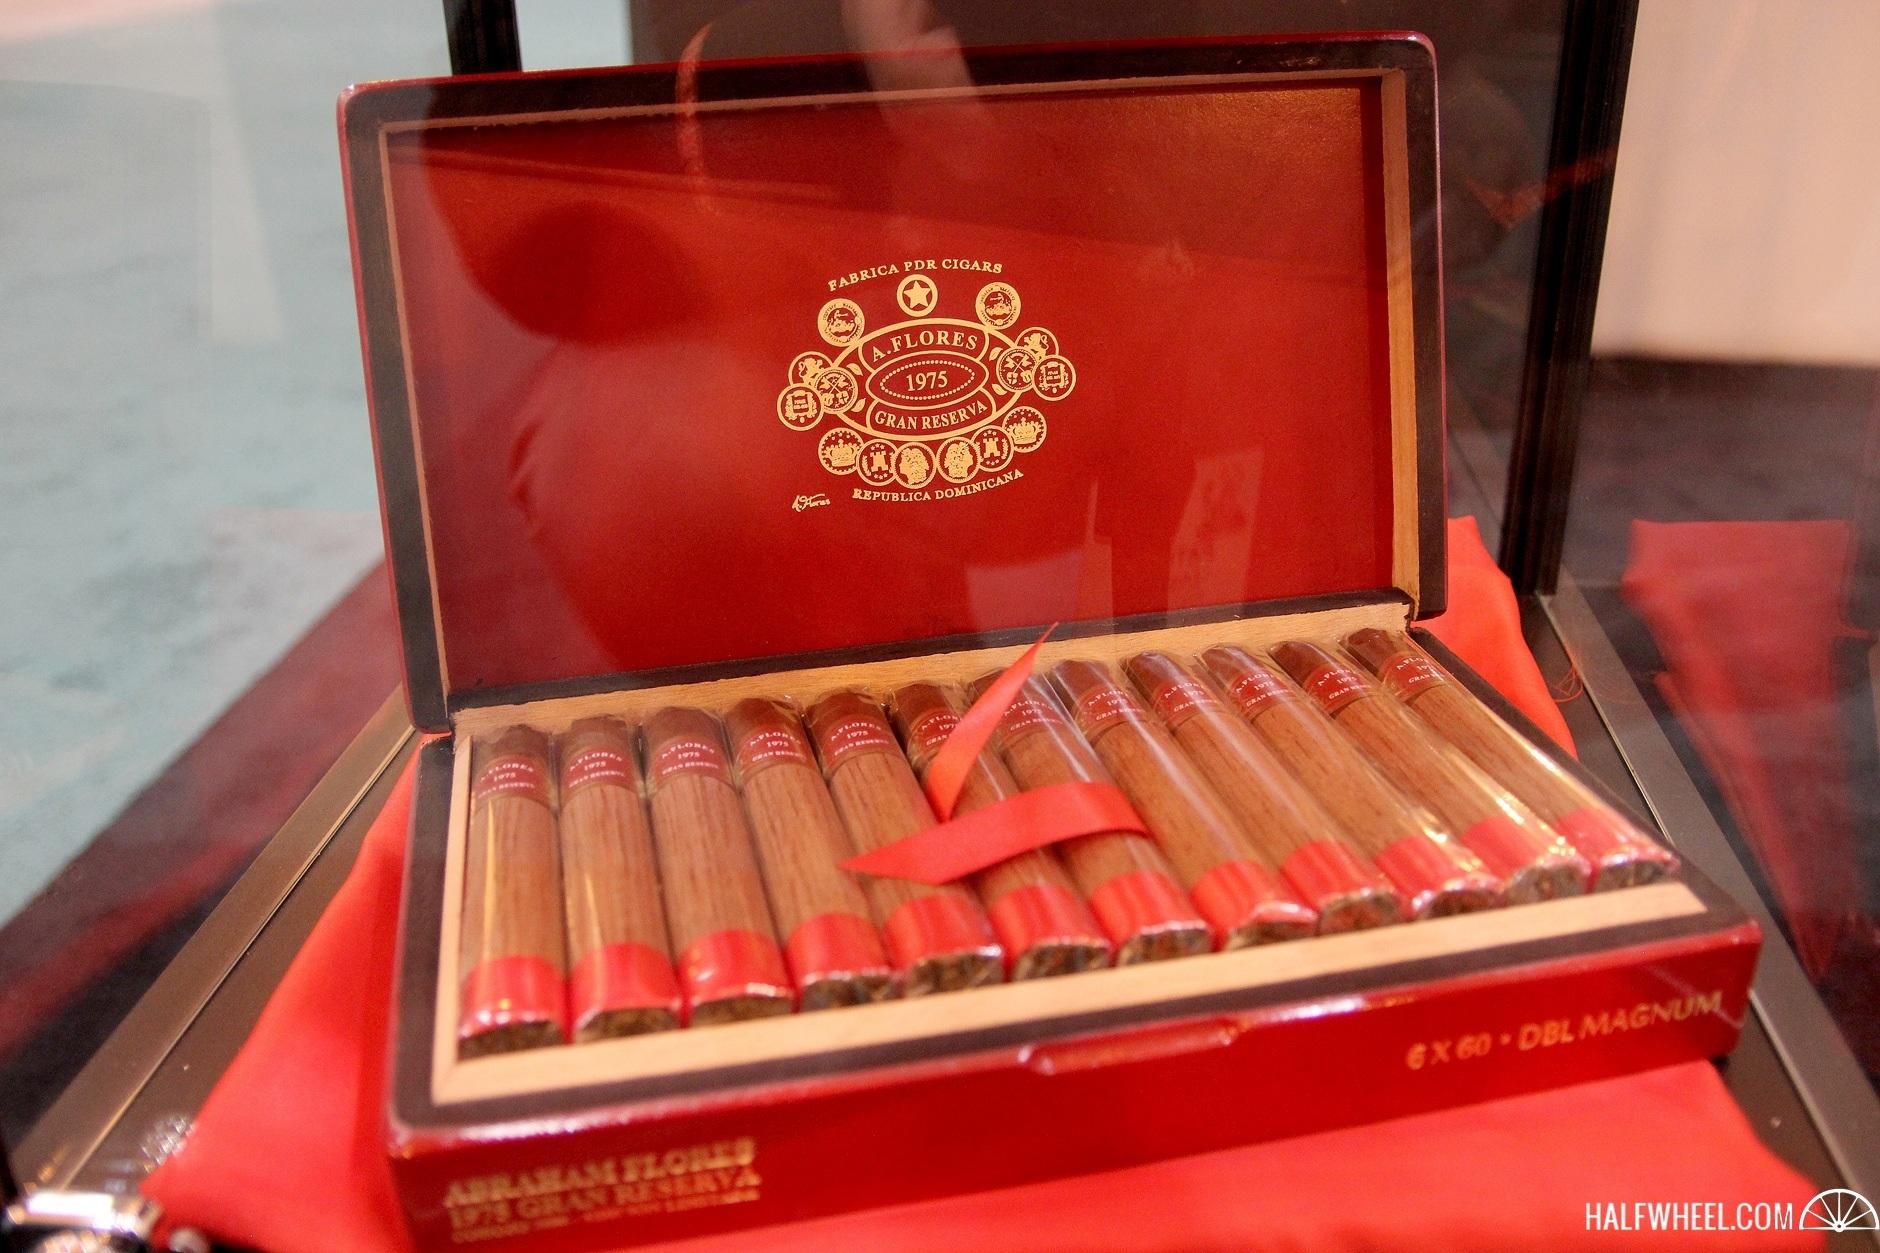 PDR Cigars A Flores Gran Reserva DBL Magnum